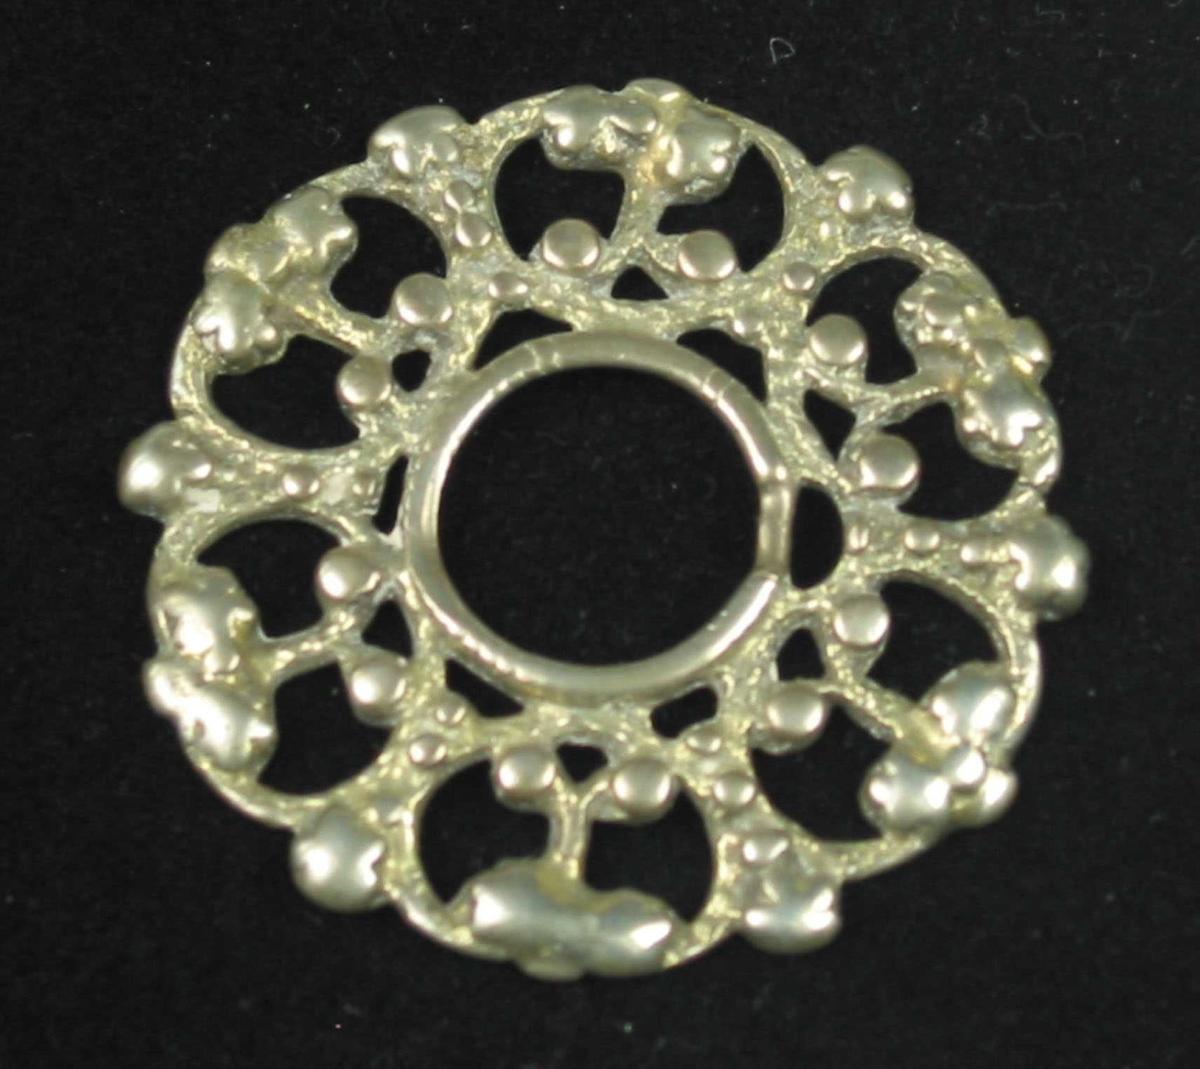 Støpt rosesølje i sølv med forgylt forside. Bunnen er svakt kuvet og består av seks bladnyrer med ryggen innad og festet til tornringen. Bladringene møtes i en stolpe inne i bladnyret og og deler seg i to henimot nyreveggen, hvor endene er festet. Alle bladhjørnene og skillene mellom nyrene er utfylt med knopper eller fem-delte rosetter. Tornringen er meget slitt, men skal forestille en ring av skruestråd. Hovedkatalogen beskriver en torne av messing. Denne er nå borte.